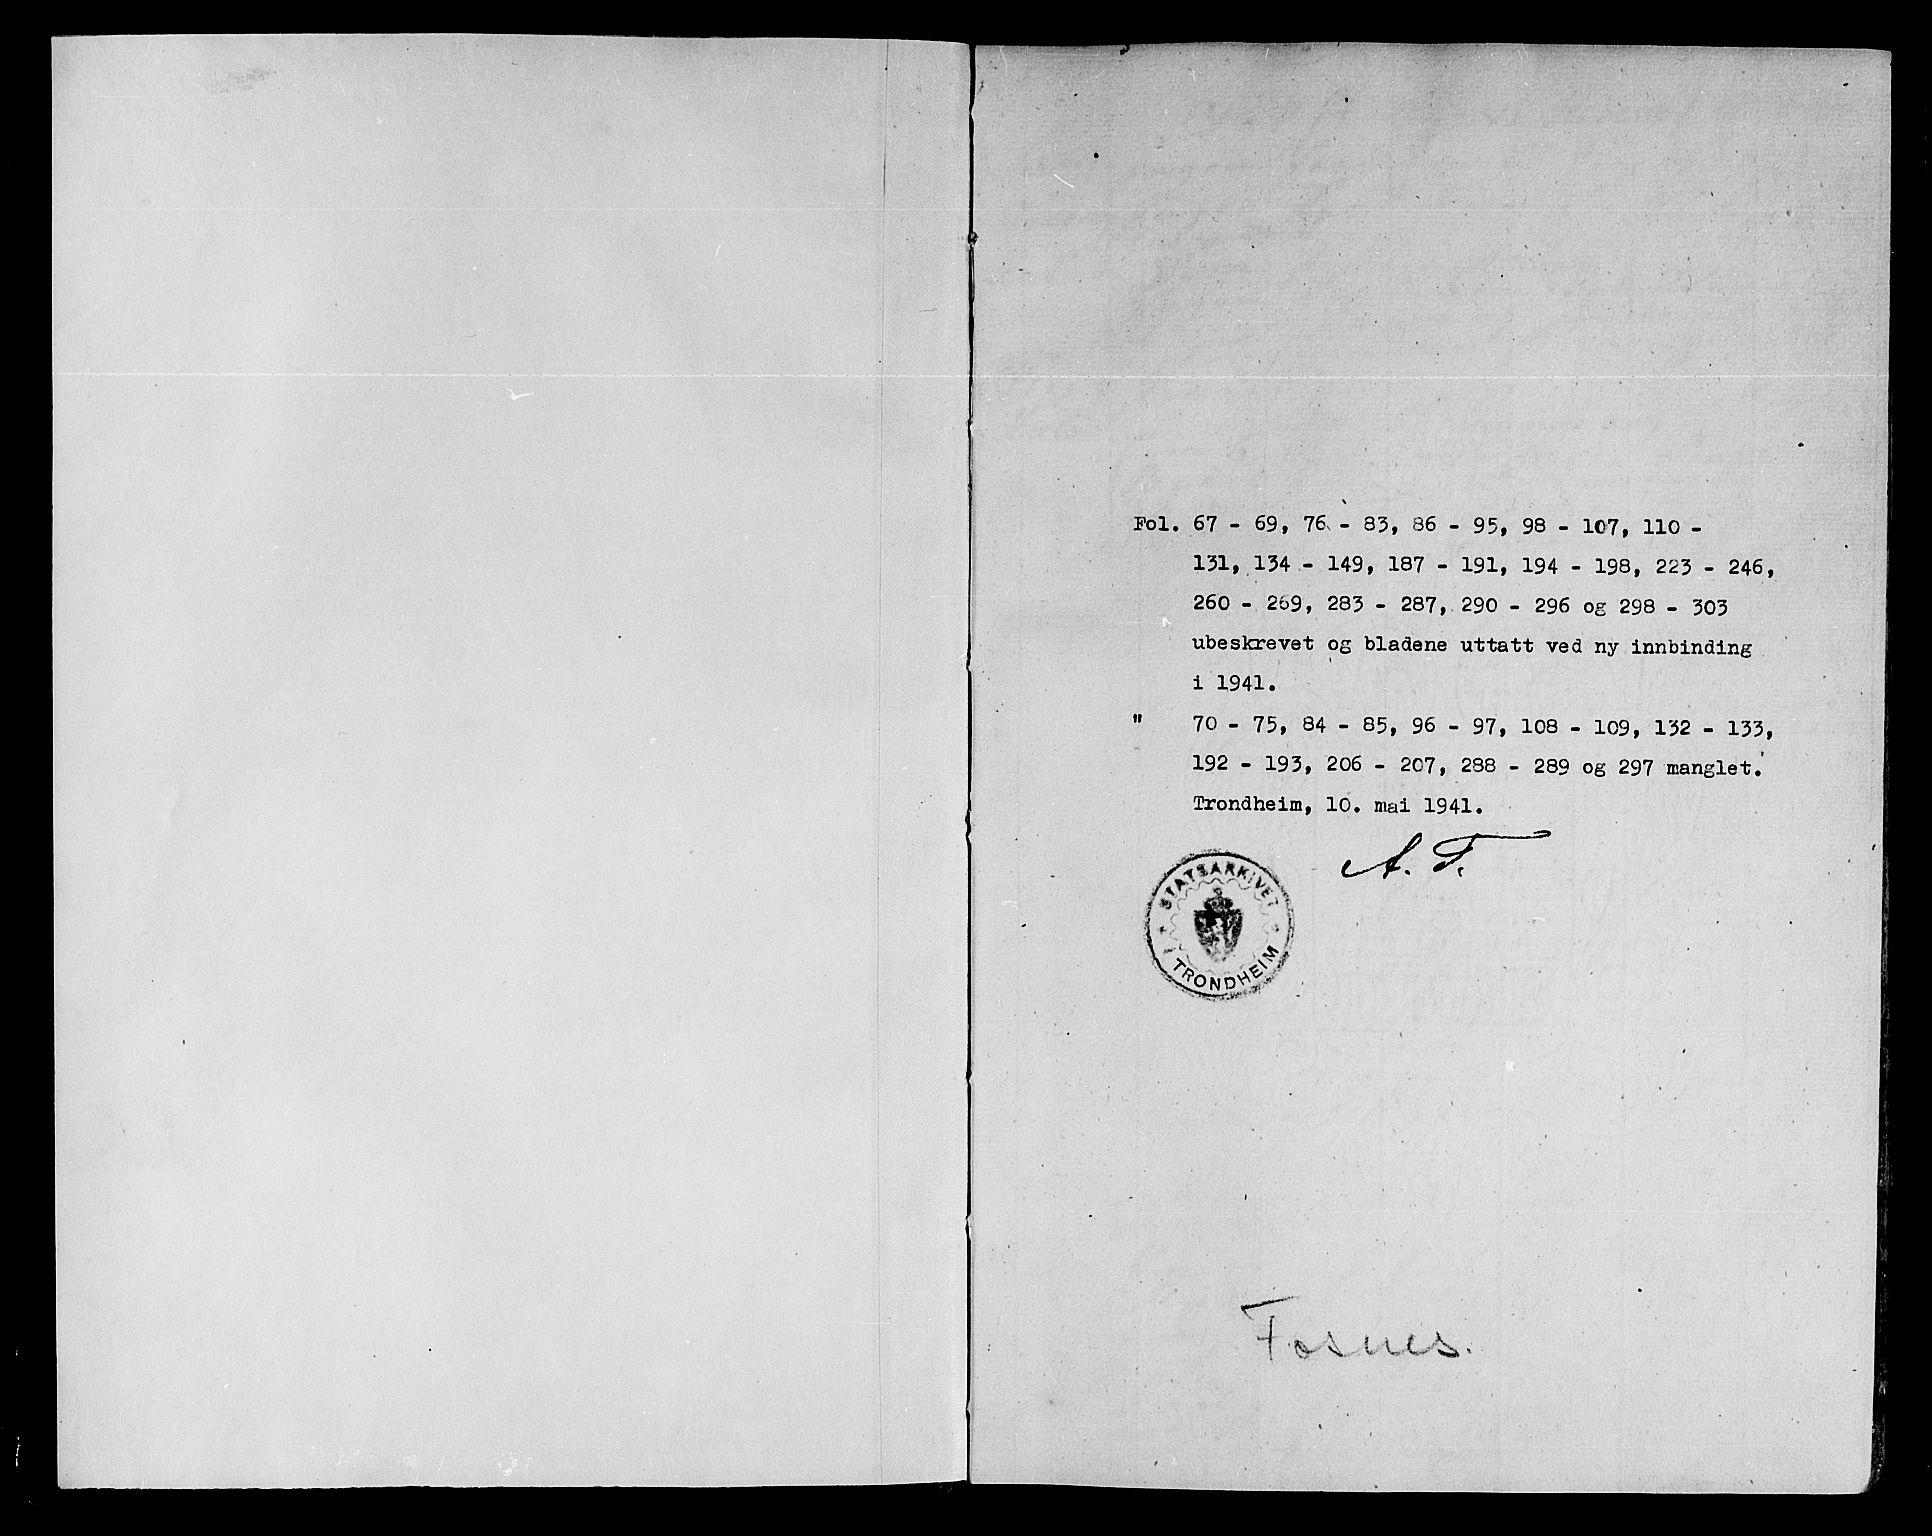 SAT, Ministerialprotokoller, klokkerbøker og fødselsregistre - Nord-Trøndelag, 773/L0608: Ministerialbok nr. 773A02, 1784-1816